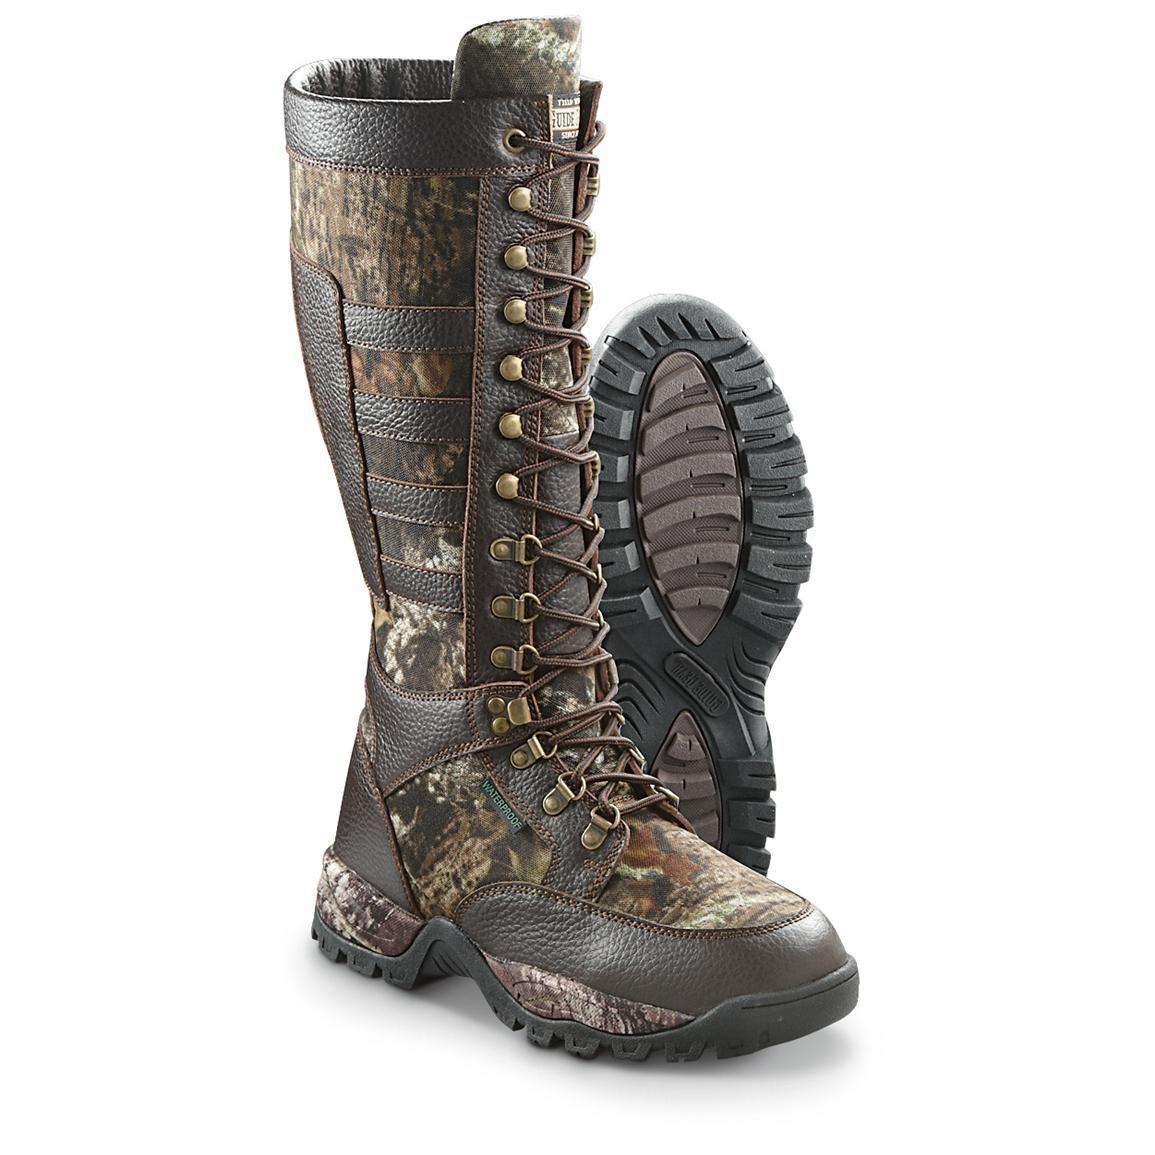 4dbf79c9e82 Guide Gear Men's Snake Boots, Mossy Oak Break-Up | Men's Clothing ...